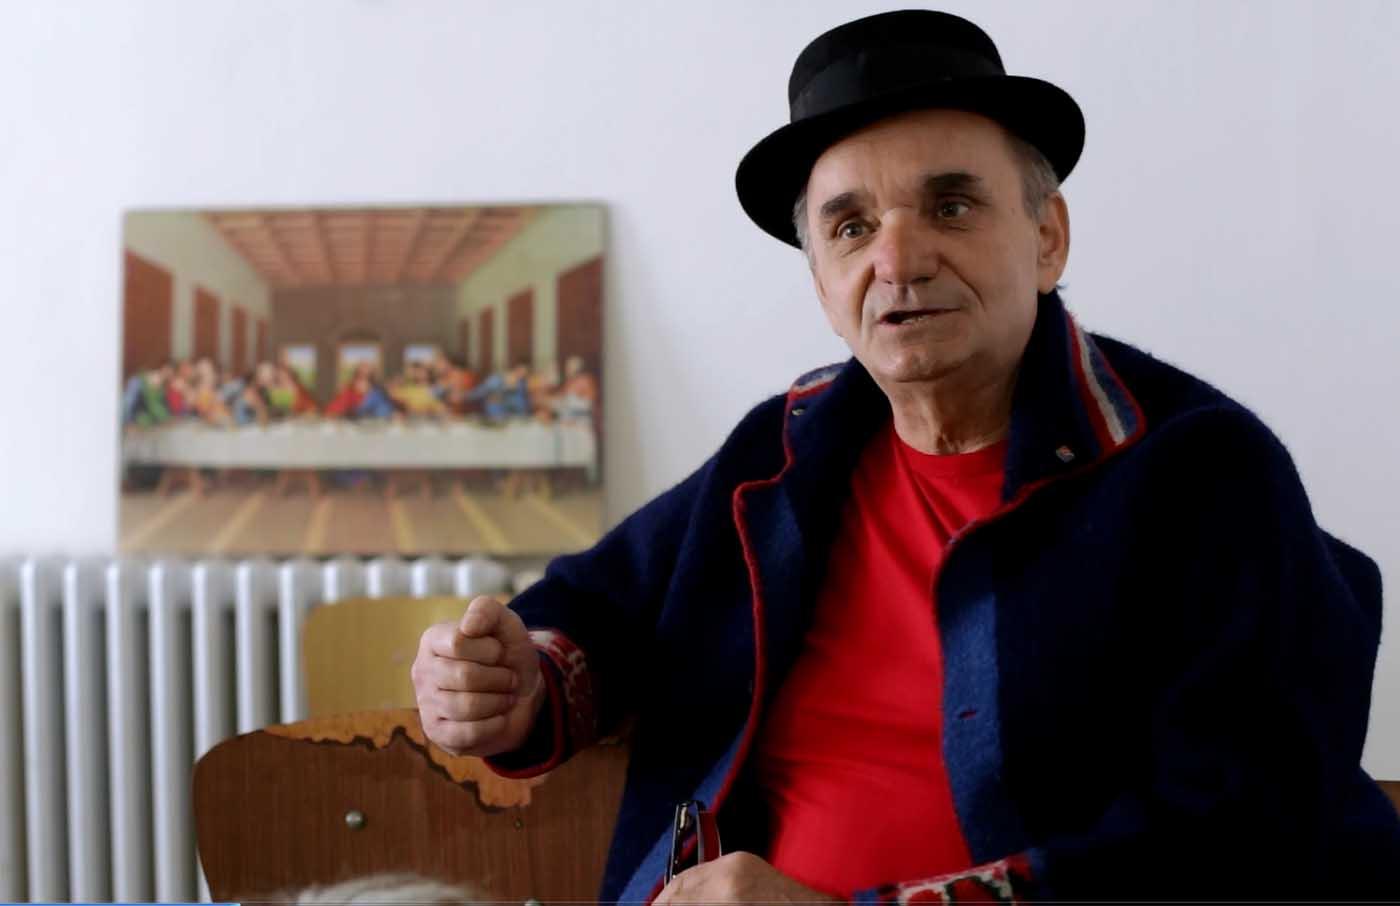 Foto - Udruga dr. Ante Starčević - Tovarnik 3